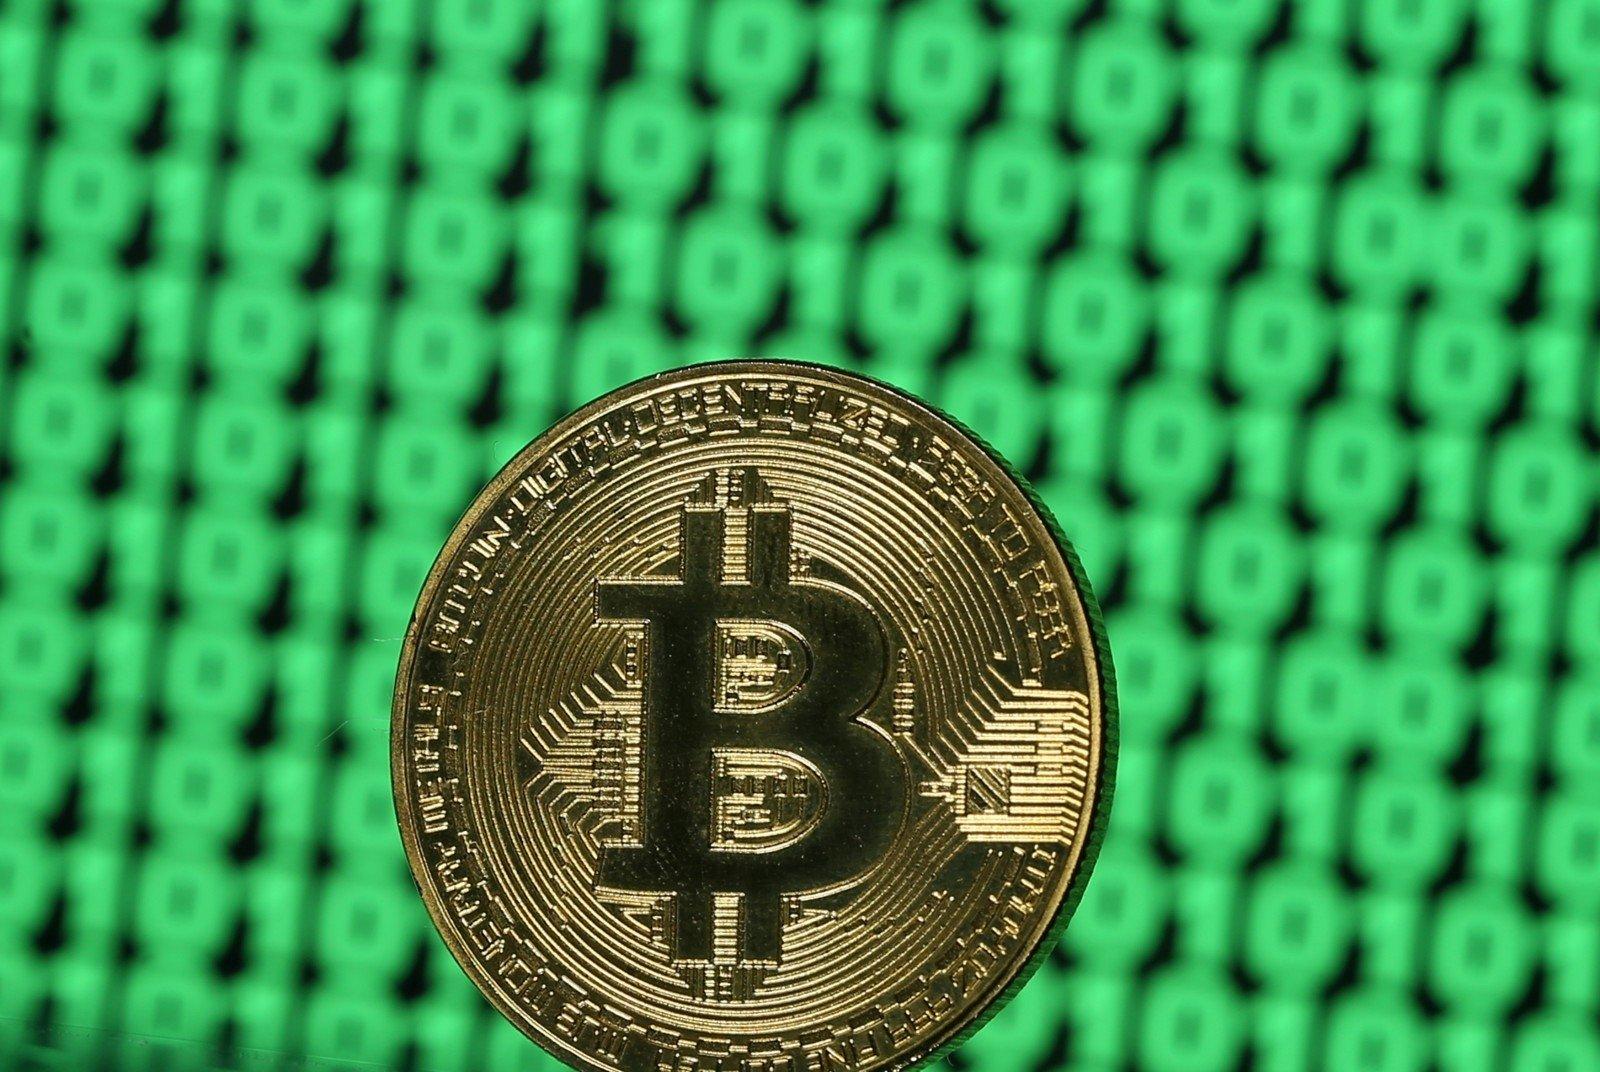 binariniai variantai kurie priima bitkoiną